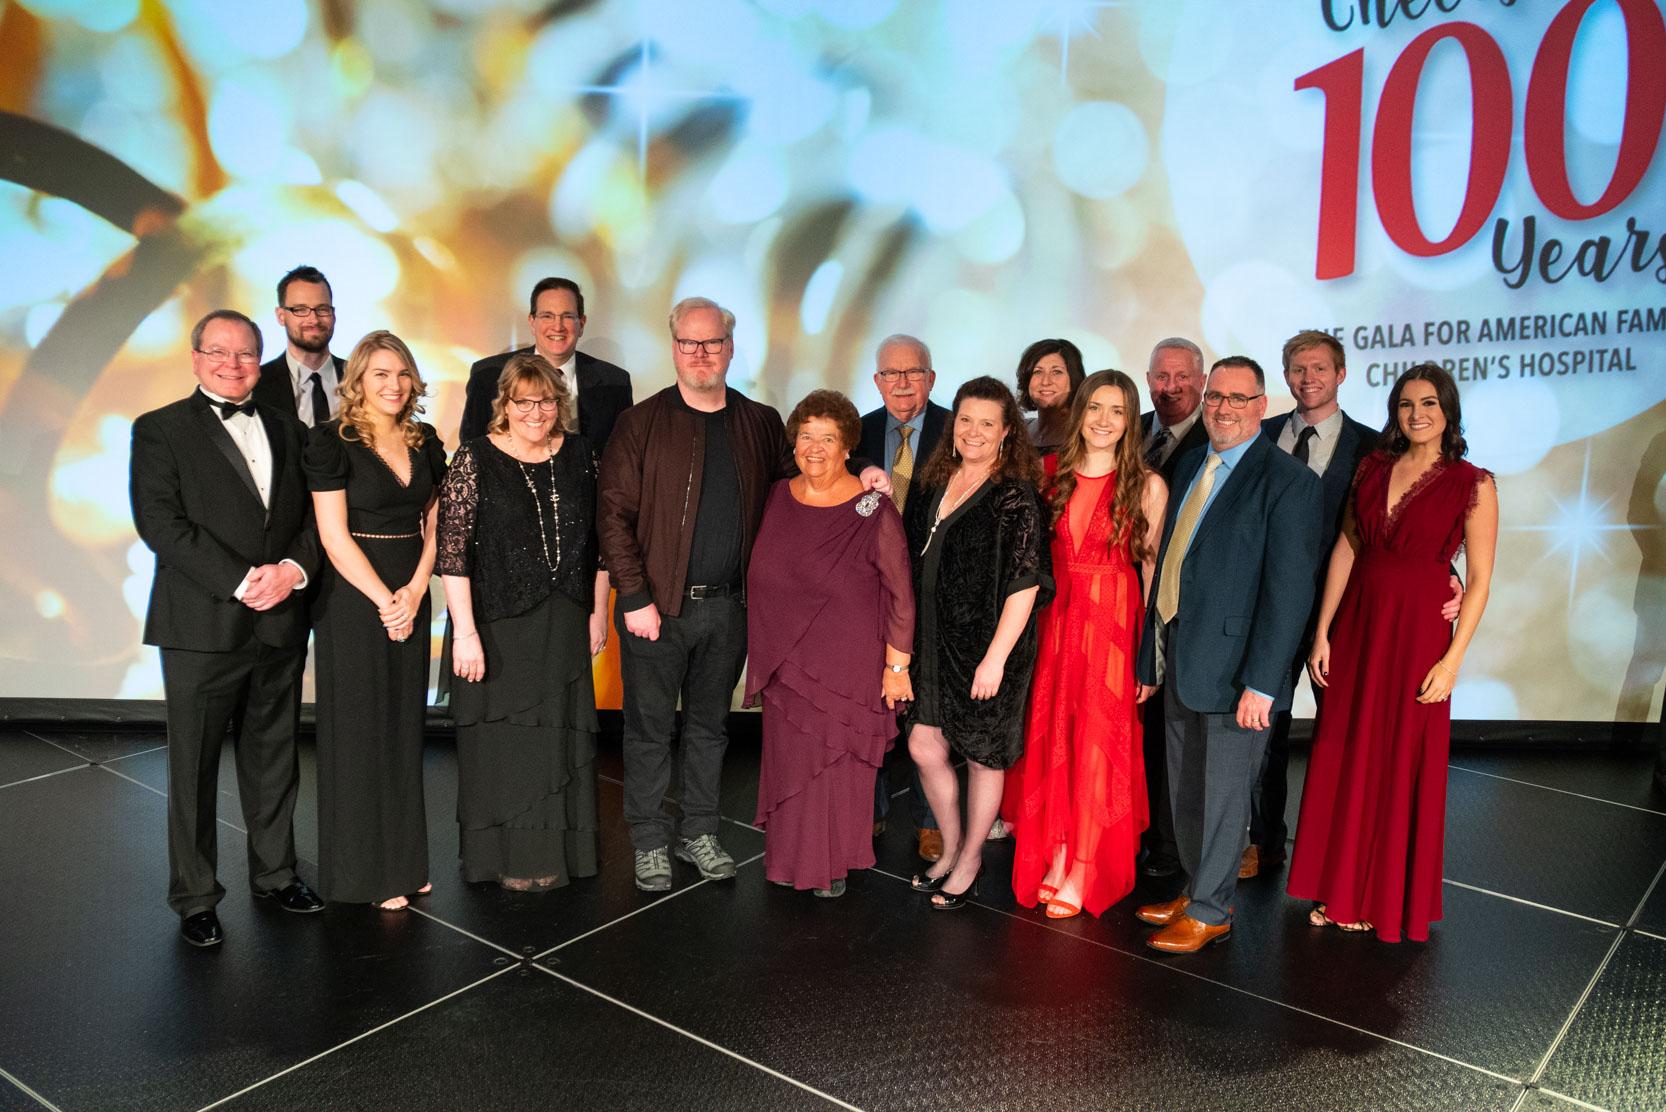 AmFam 100 Year Gala